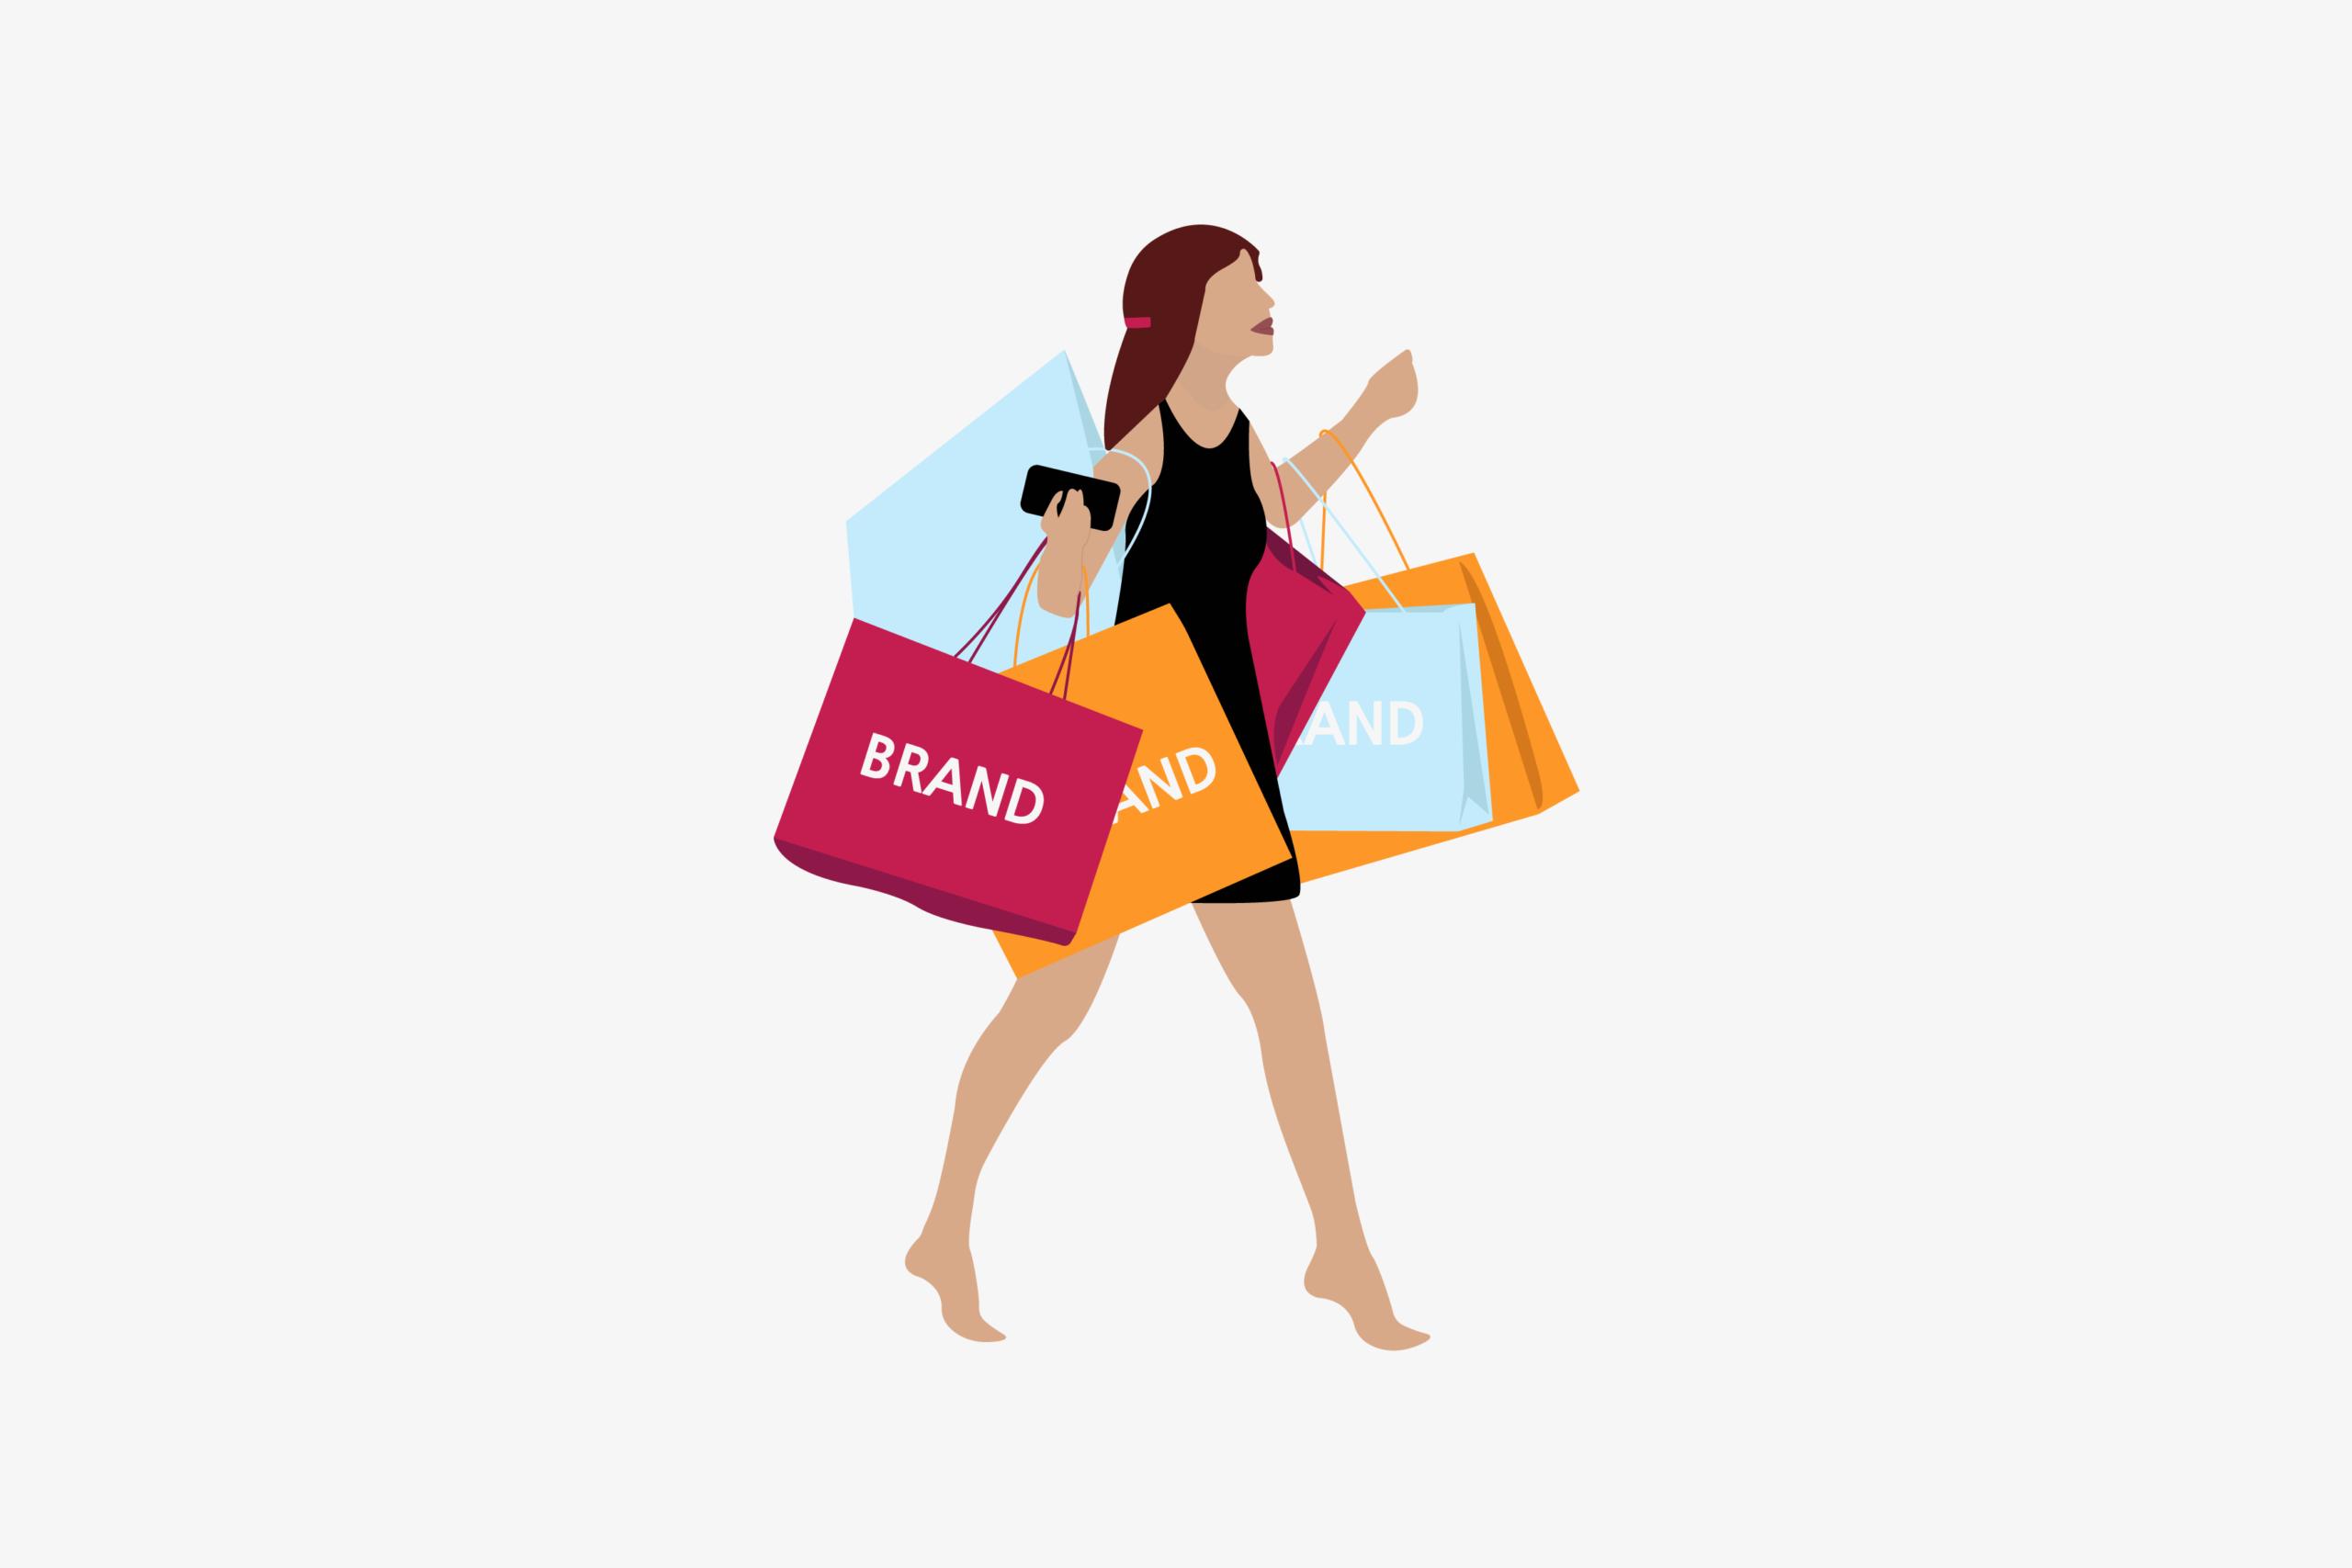 Brand ambassador vs influencer